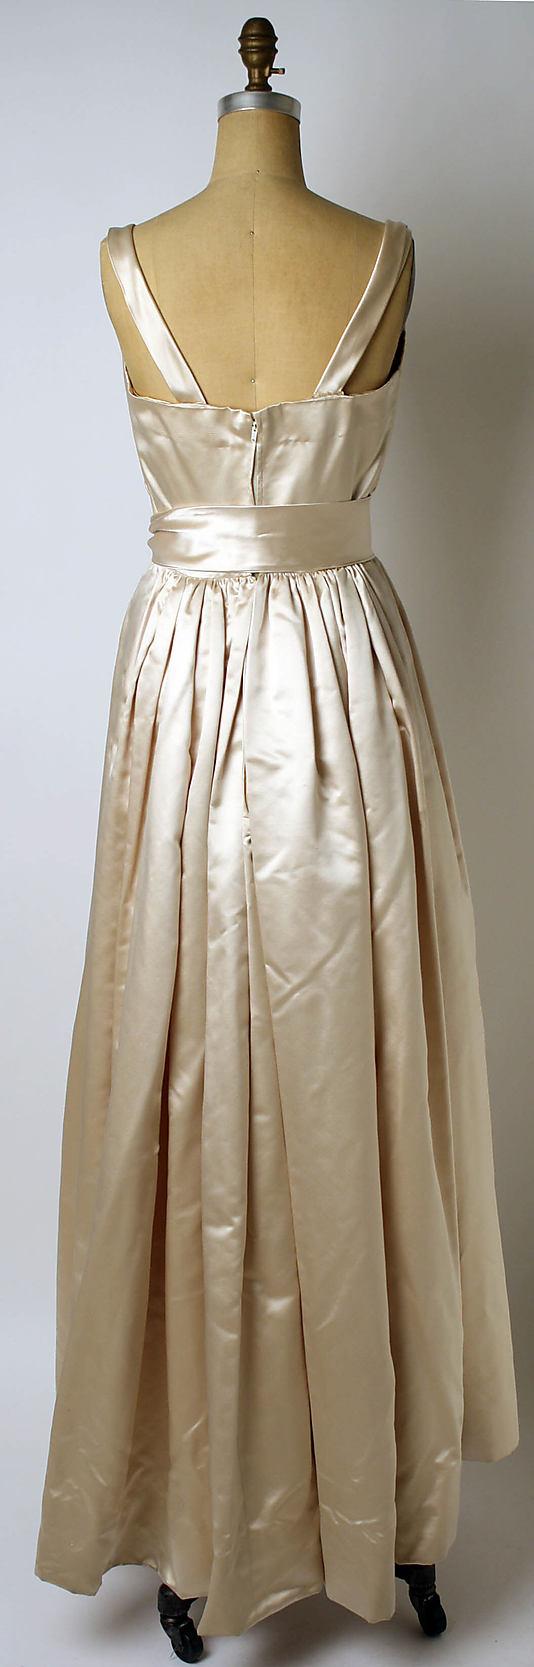 1940 Evening Dresses Dior